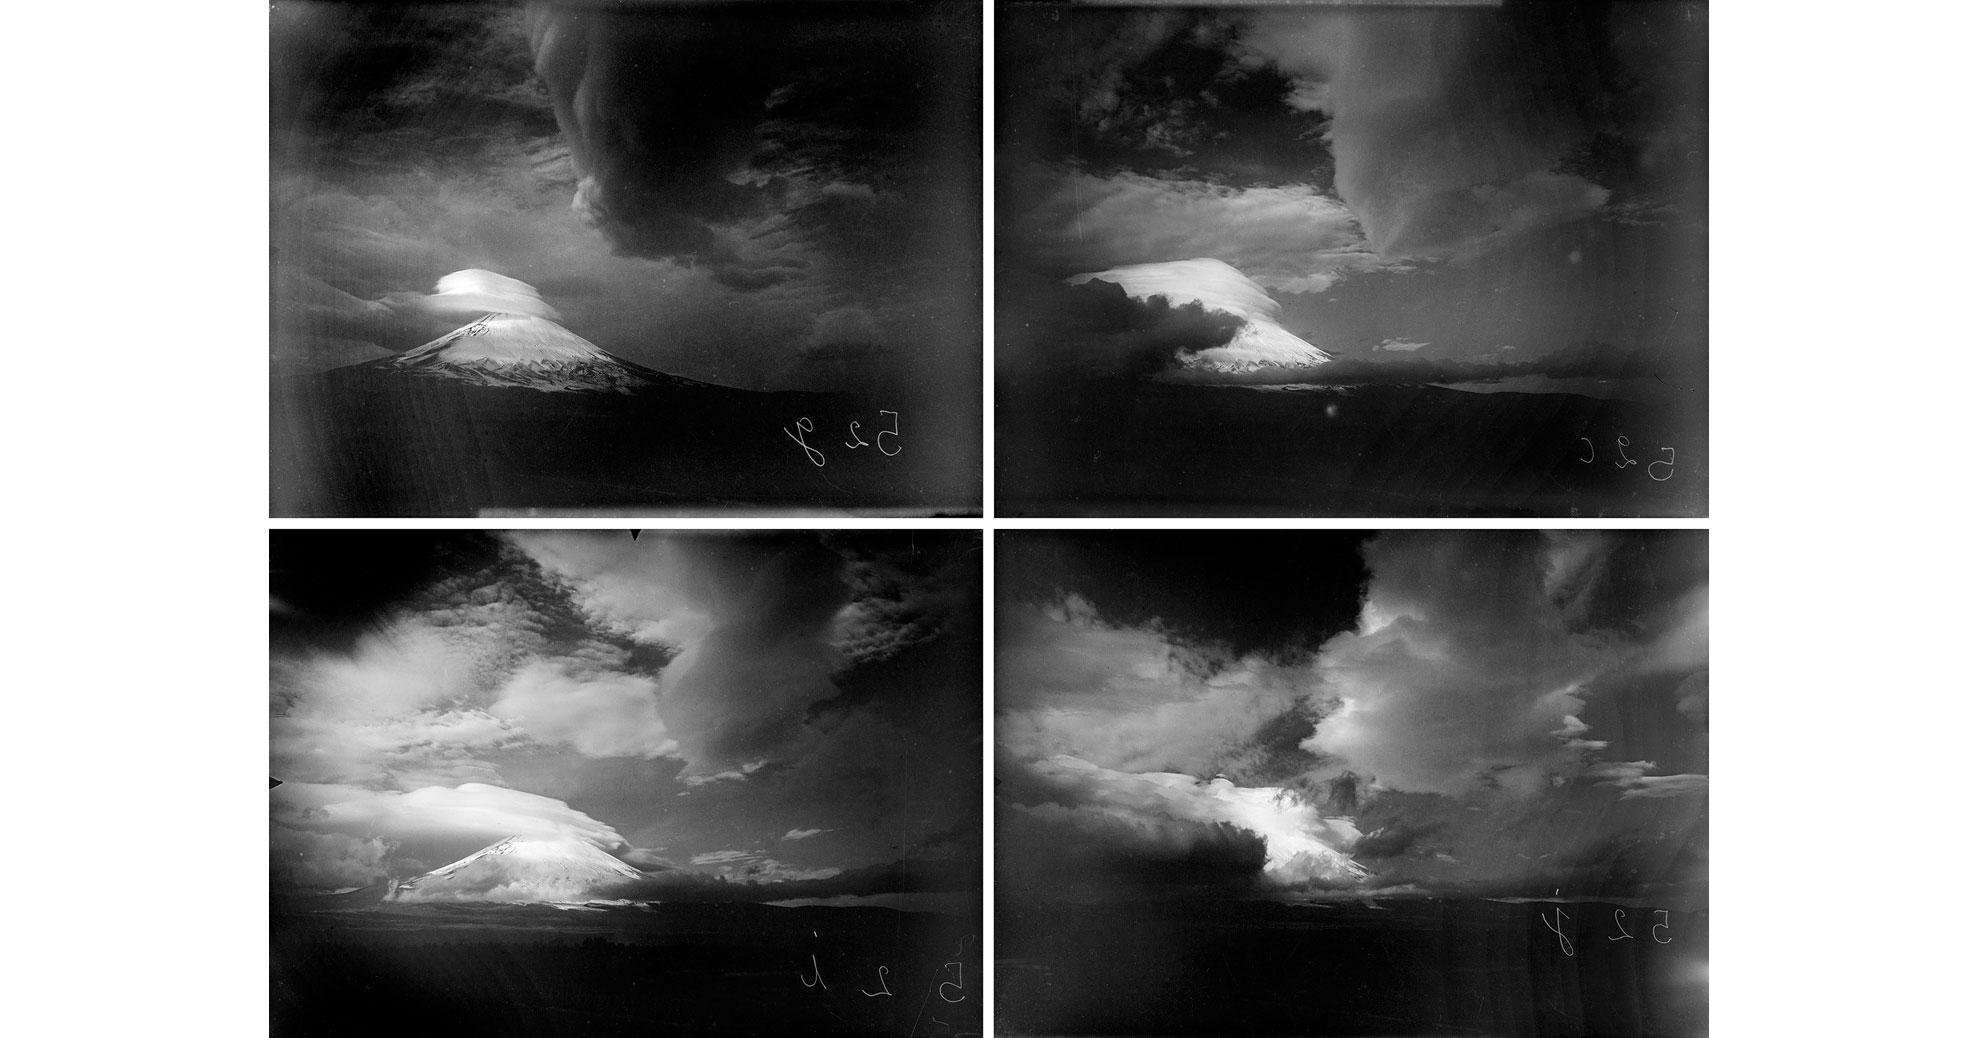 Masanao-Abe-Le-comte-des-nuages-03